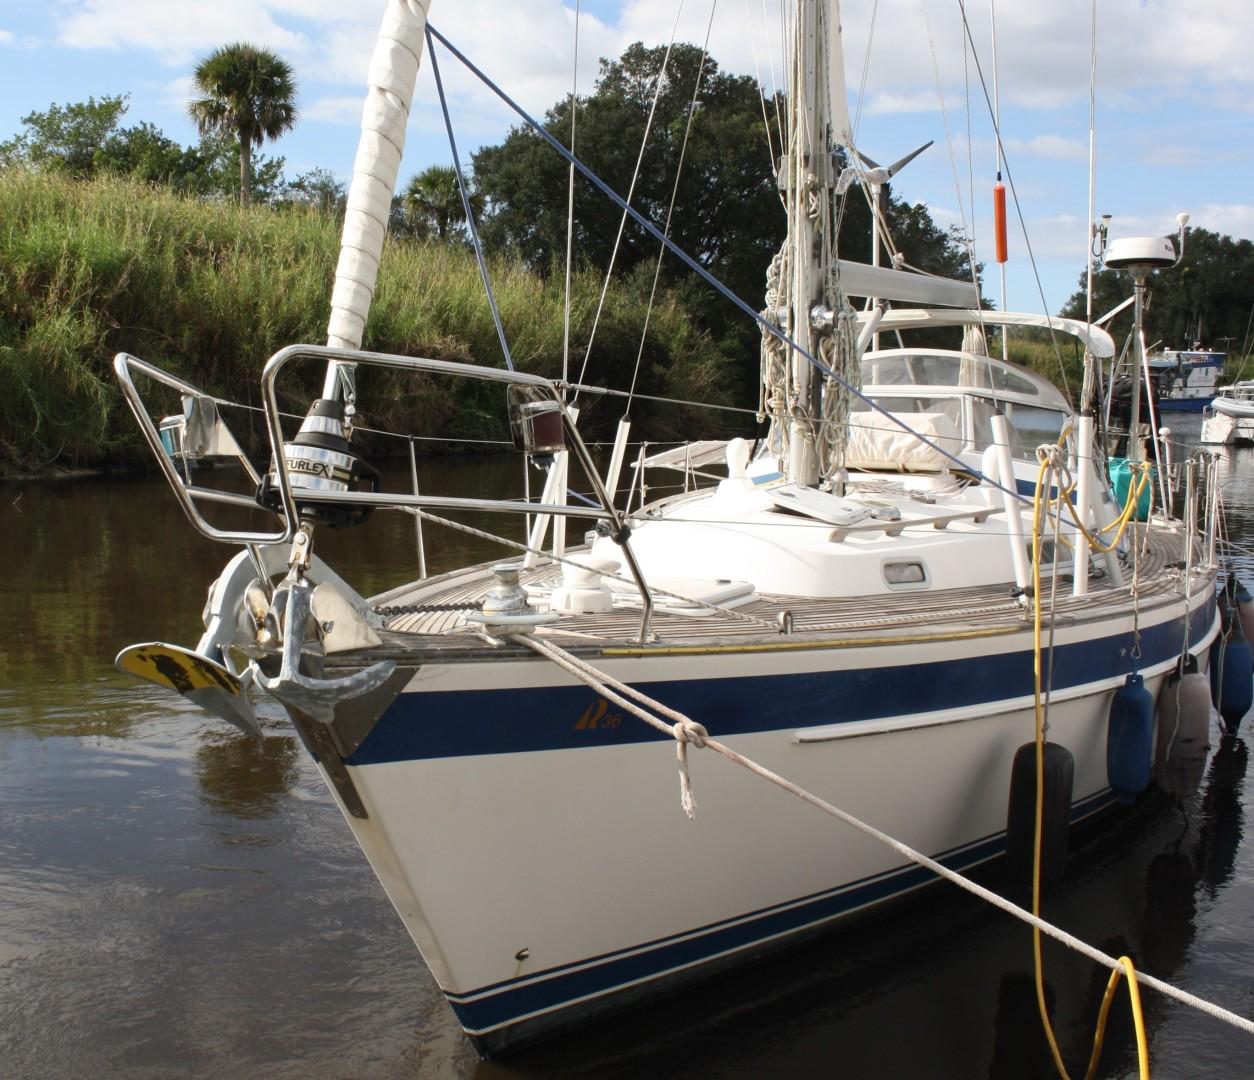 Hallberg-Rassy-36 MKII 2002-Vivace 1 Stuart-Florida-United States-1312772   Thumbnail